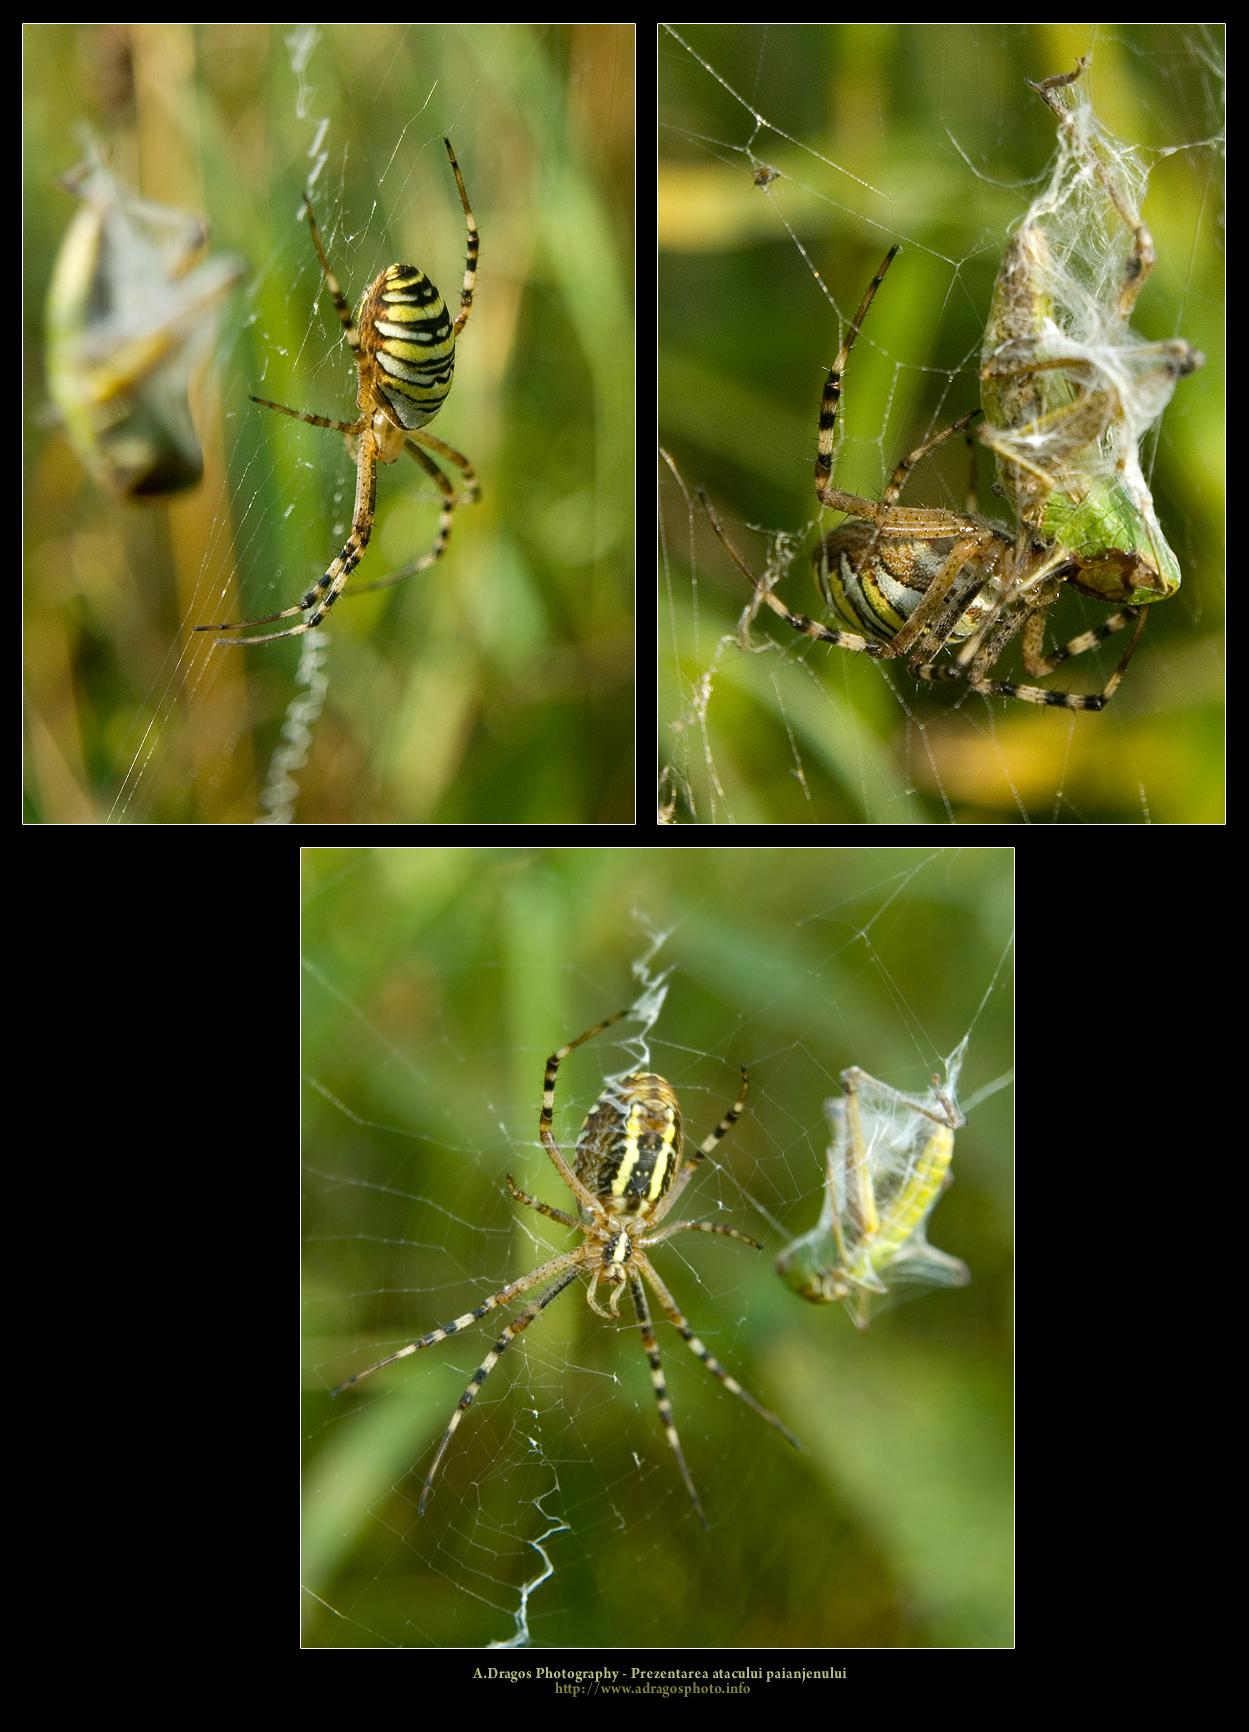 prezentarea-atacului-paianjenului-2